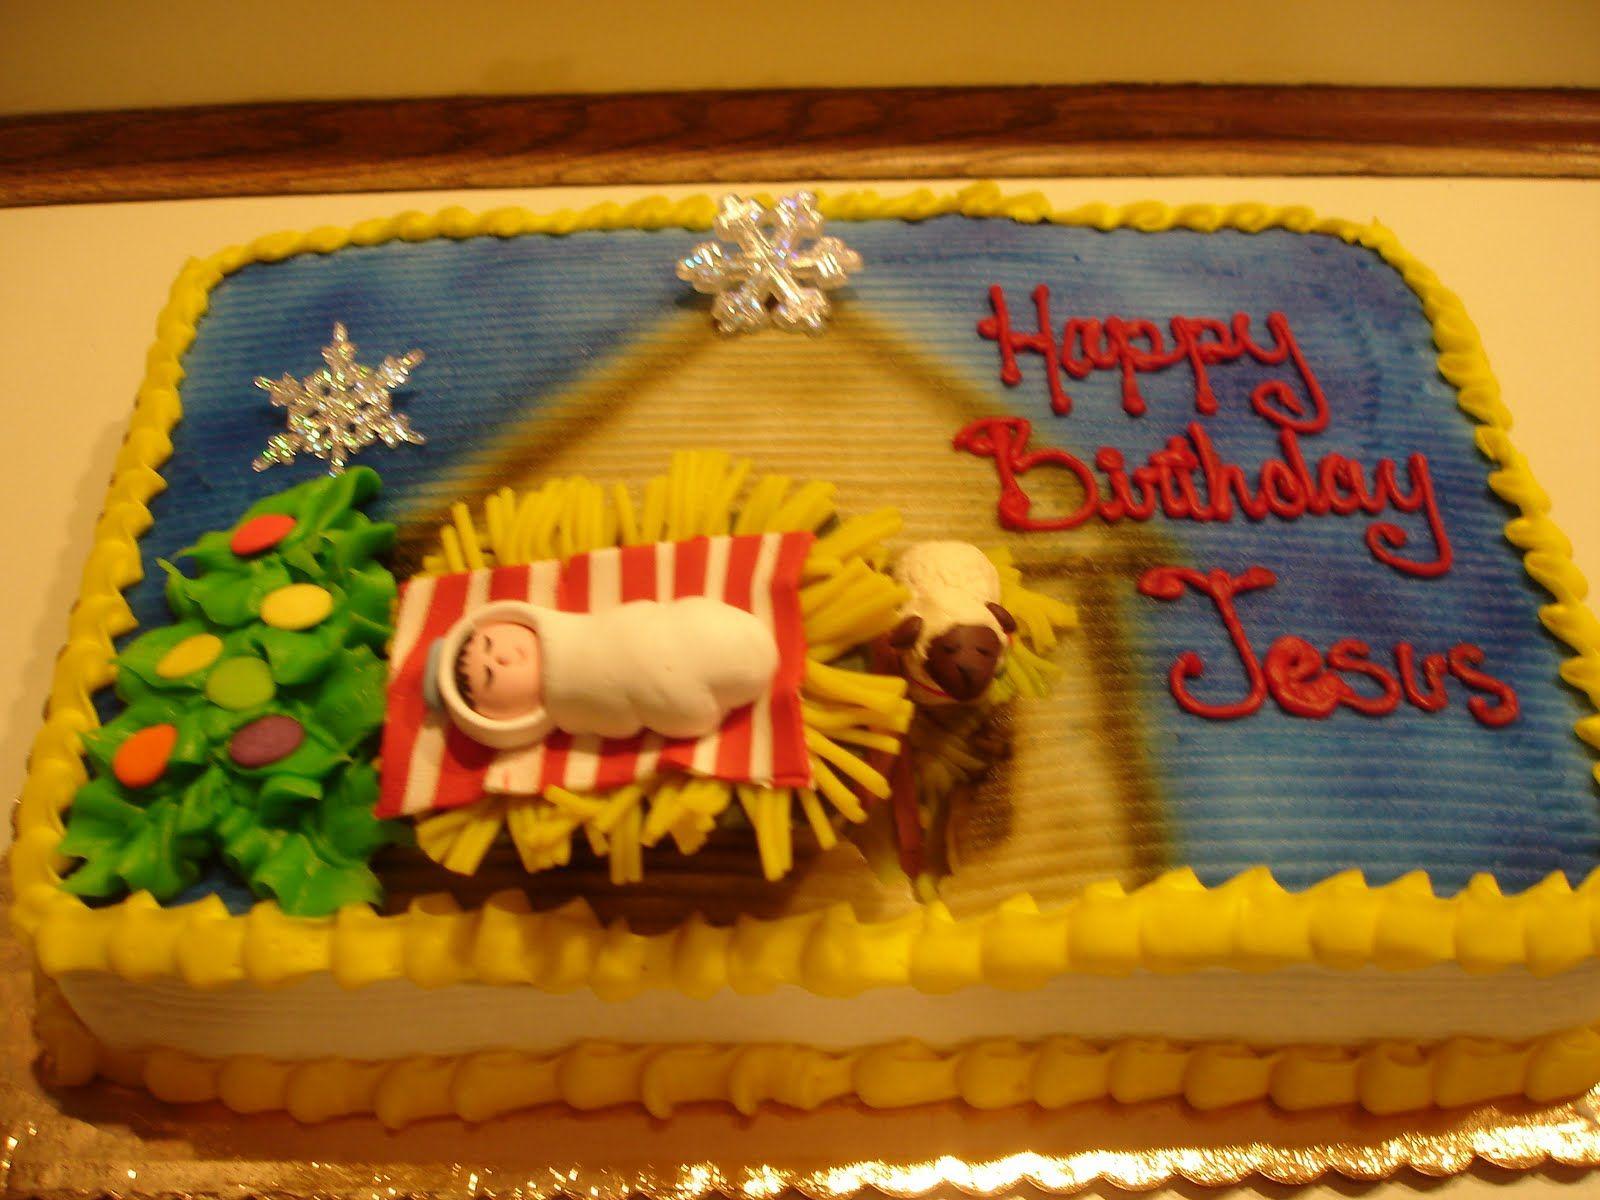 Happy Birthday Jesus Cake I Love This Design